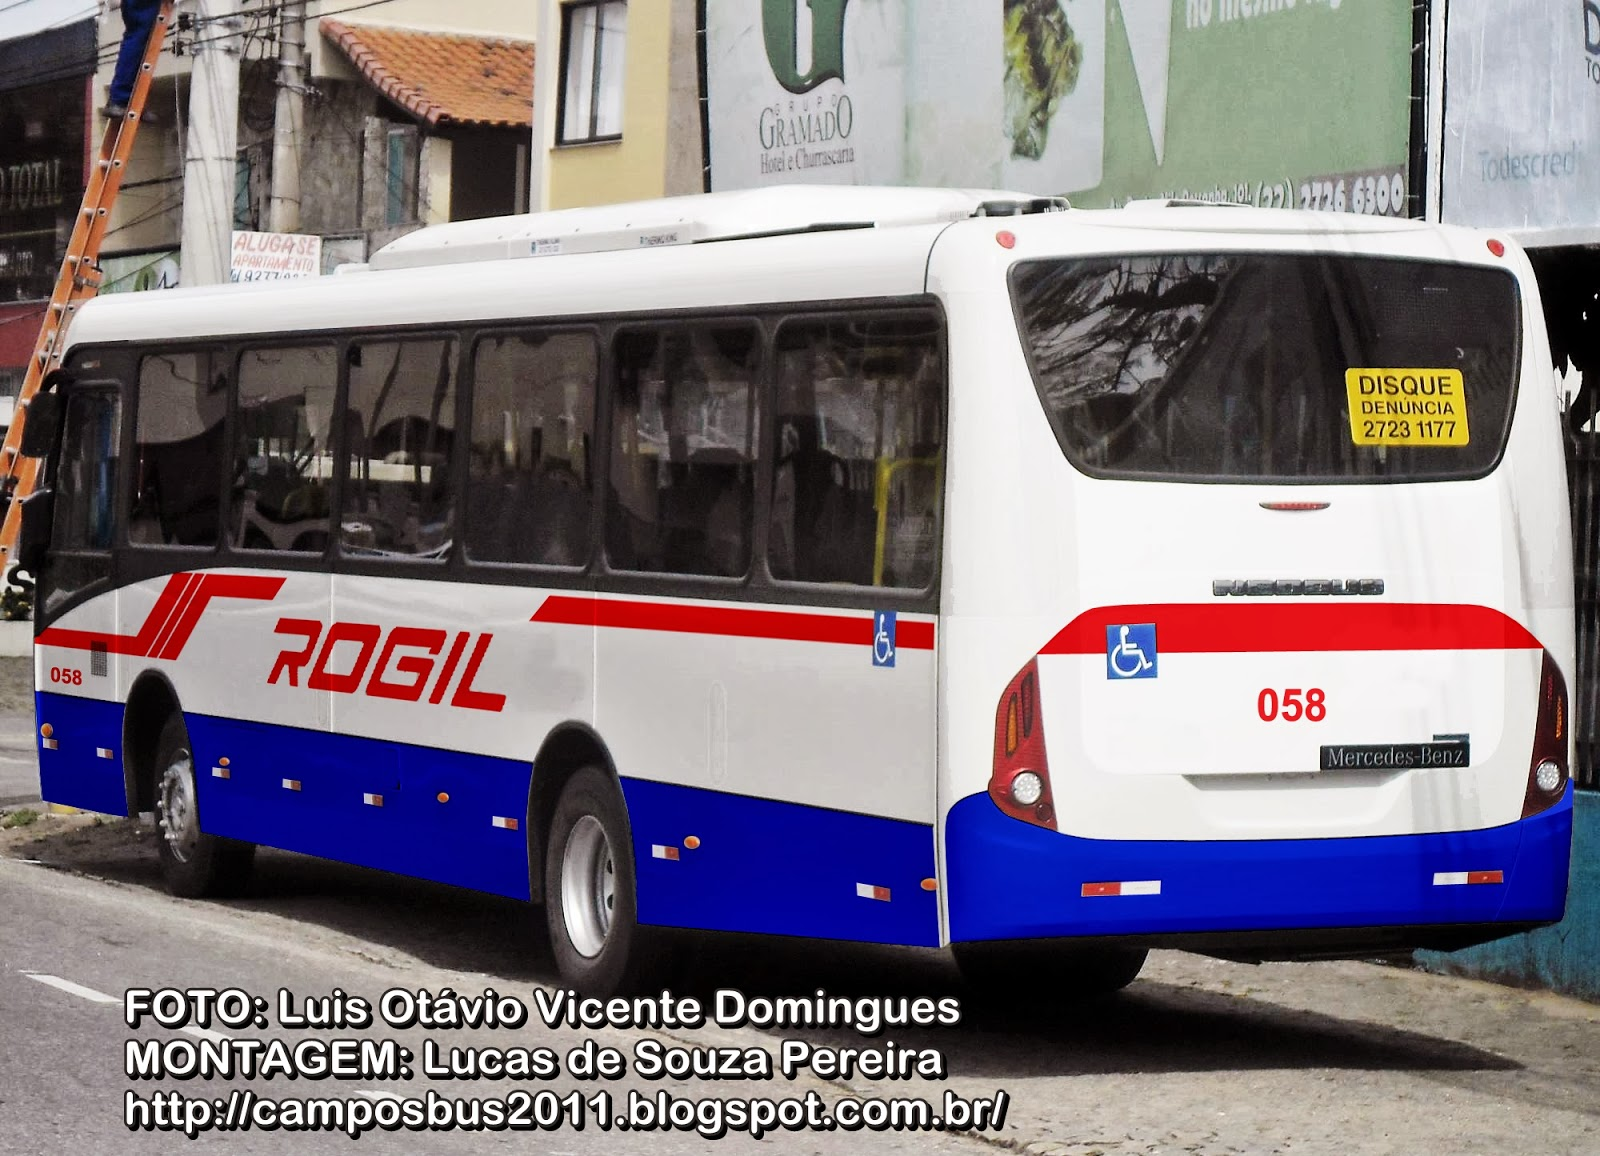 Campos Bus | Ônibus é o nosso hobby: Neobus Mega Plus